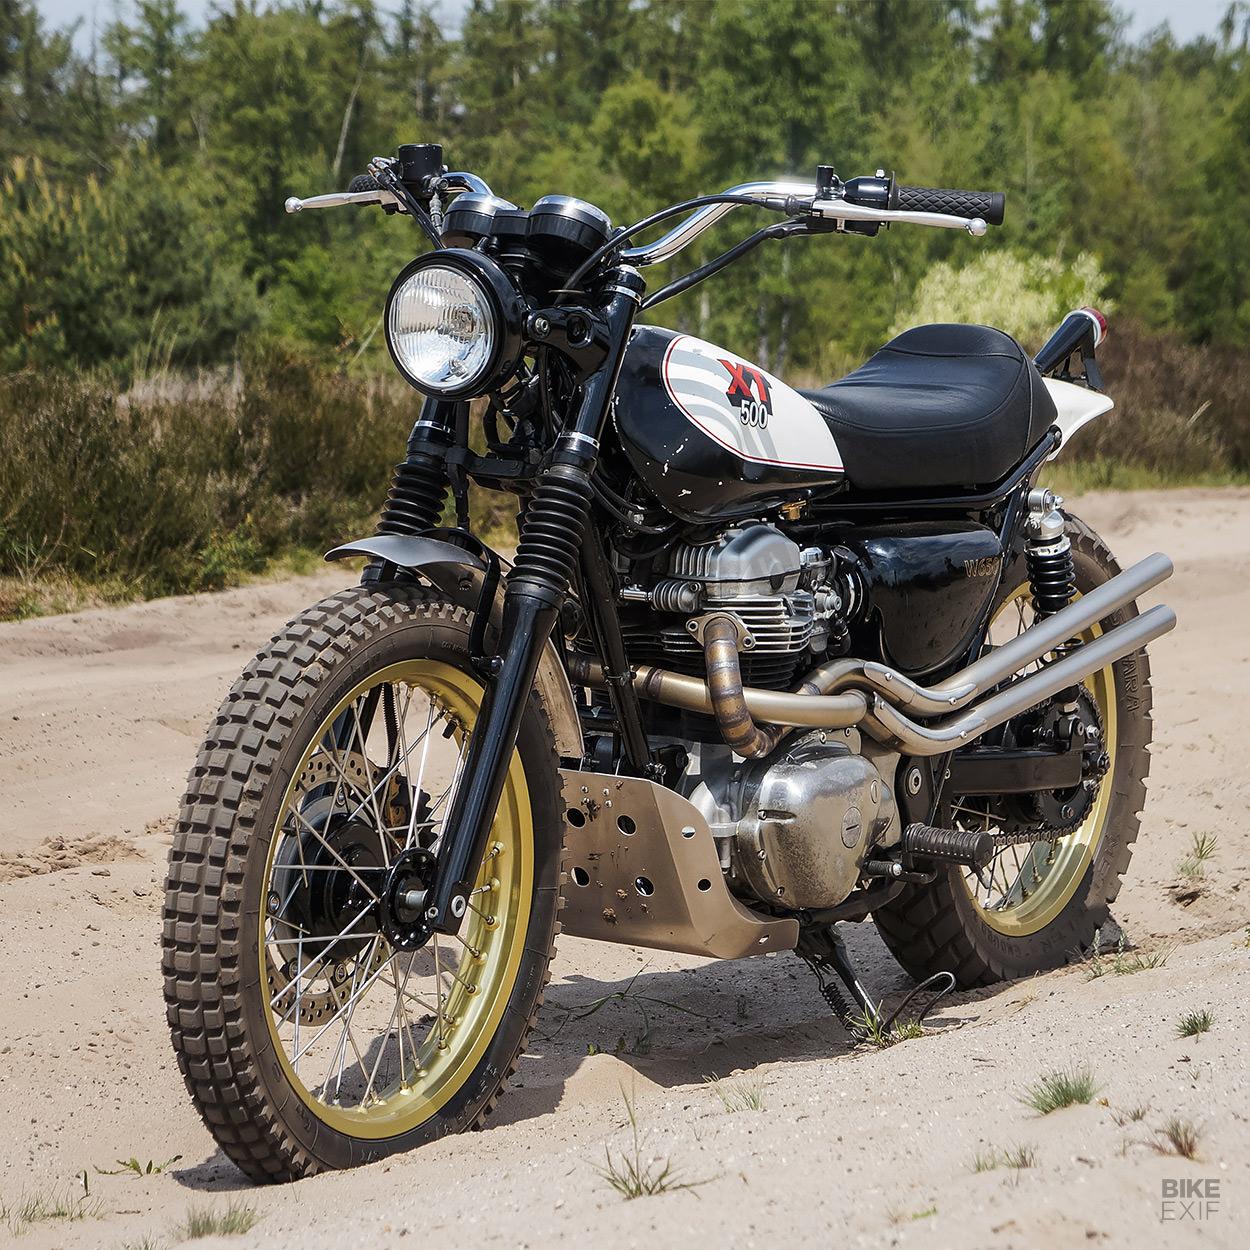 Custom Kawasaki W650 scrambler by Martin Schuurmans